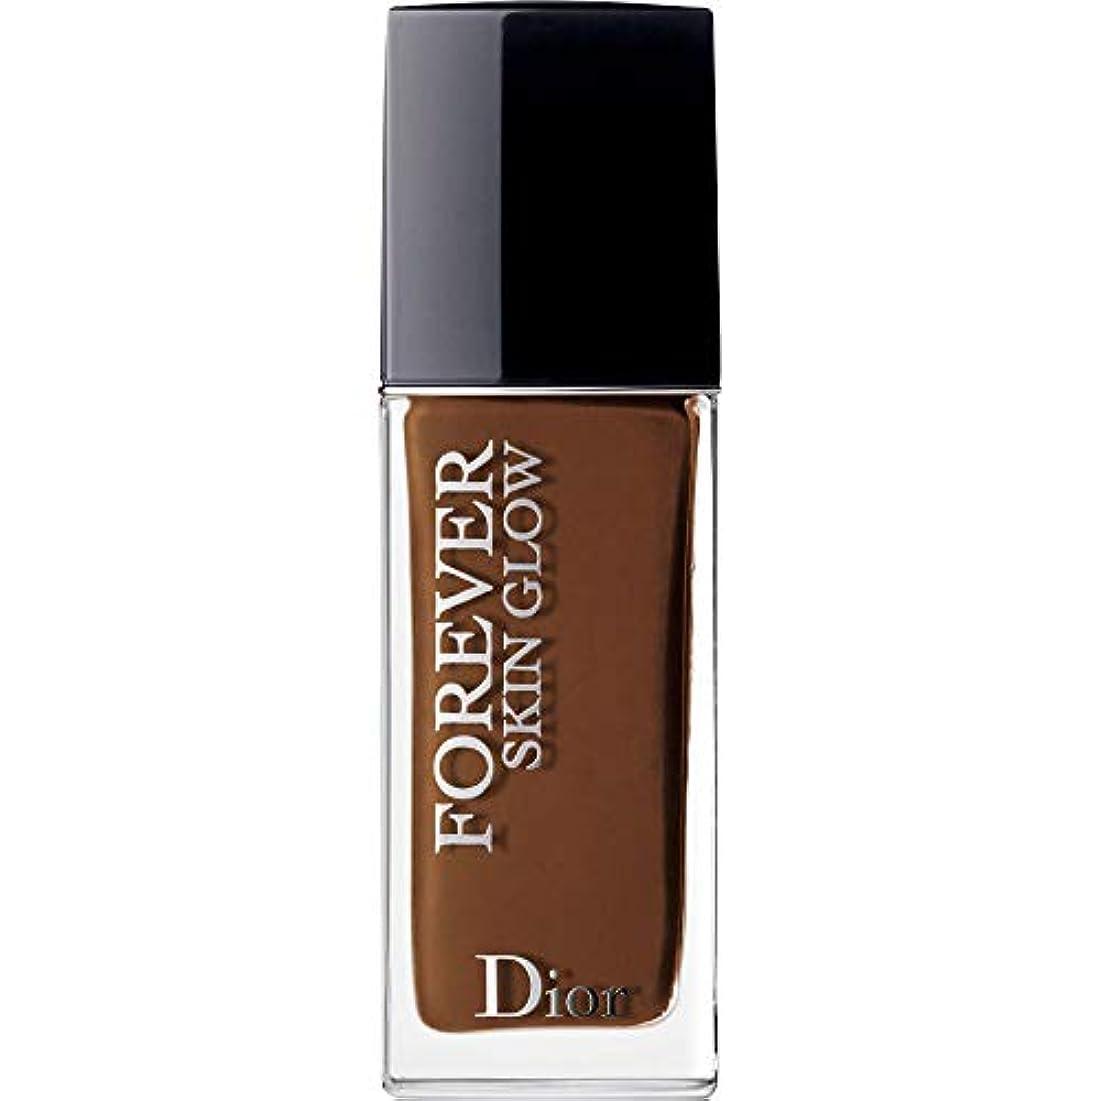 今まで放棄する誇りに思う[Dior ] ディオール永遠に皮膚グロー皮膚思いやりの基礎Spf35 30ミリリットルの9N - ニュートラル(肌の輝き) - DIOR Forever Skin Glow Skin-Caring Foundation SPF35 30ml 9N - Neutral (Skin Glow) [並行輸入品]